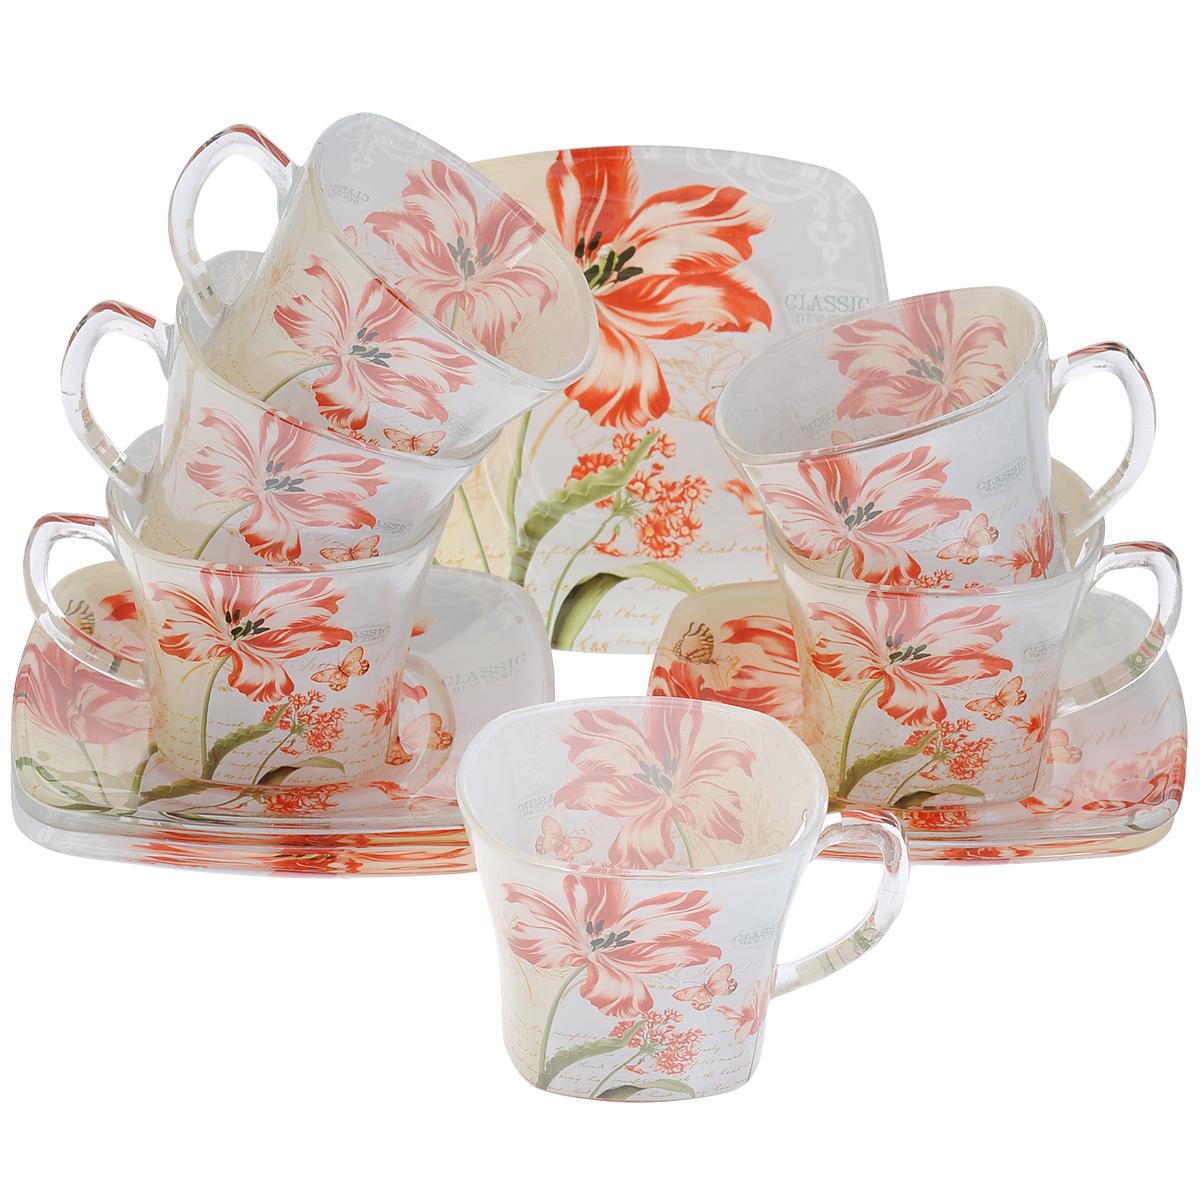 Набор посуды Красные цветы, 12 предметов11605Набор посуды состоит из 6 блюдец и 6 чашек. Изделия выполнены из высококачественного стекла и оформлены изображением цветов и бабочек. Этот набор эффектно украсит стол, а также прекрасно подойдет для торжественных случаев. Красочность оформления придется по вкусу и ценителям классики, и тем, кто предпочитает утонченность и изящность.